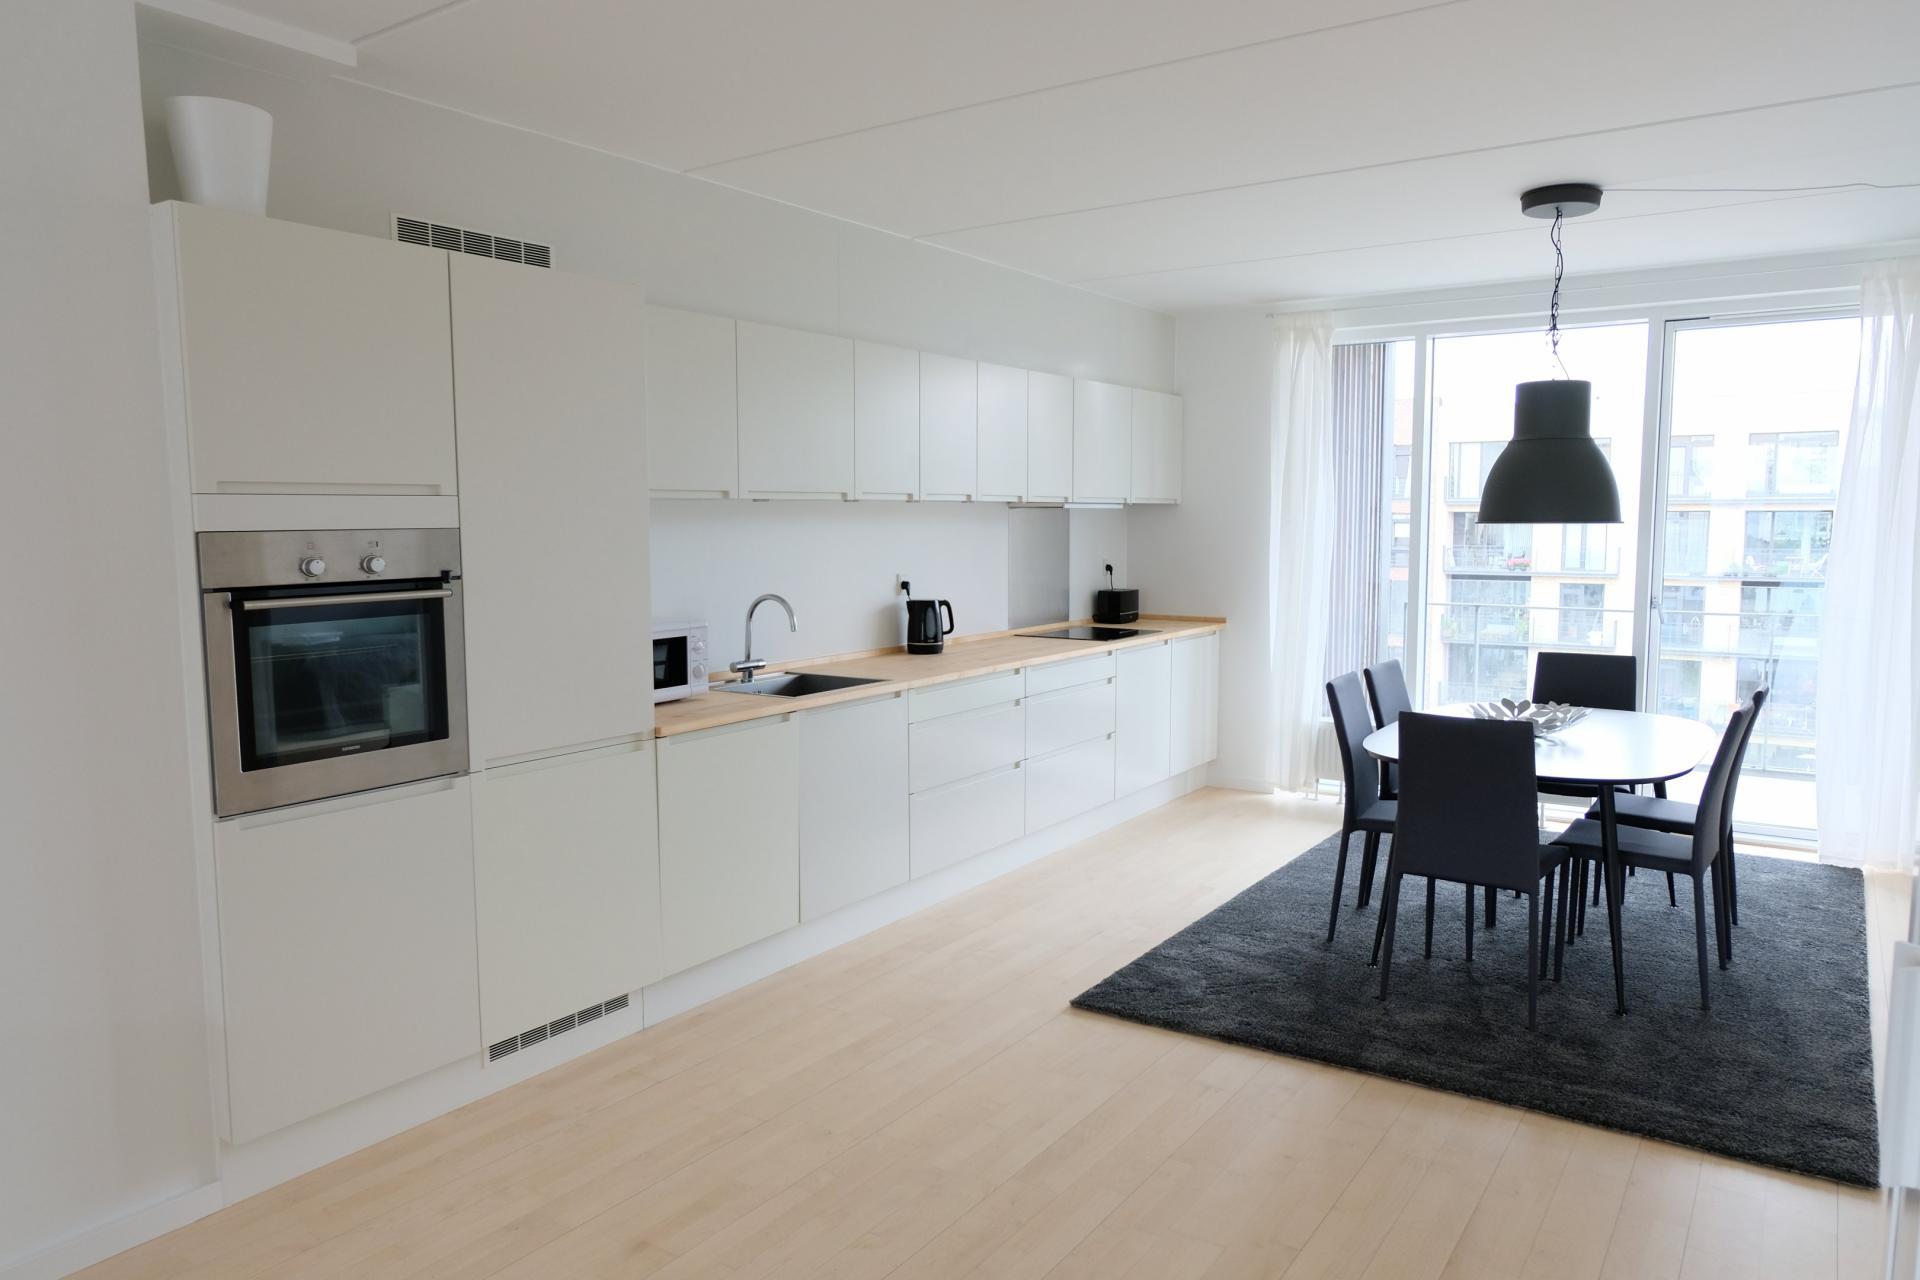 Kitchen at Sluseholmen Apartment, Sydhavnen, Copenhagen